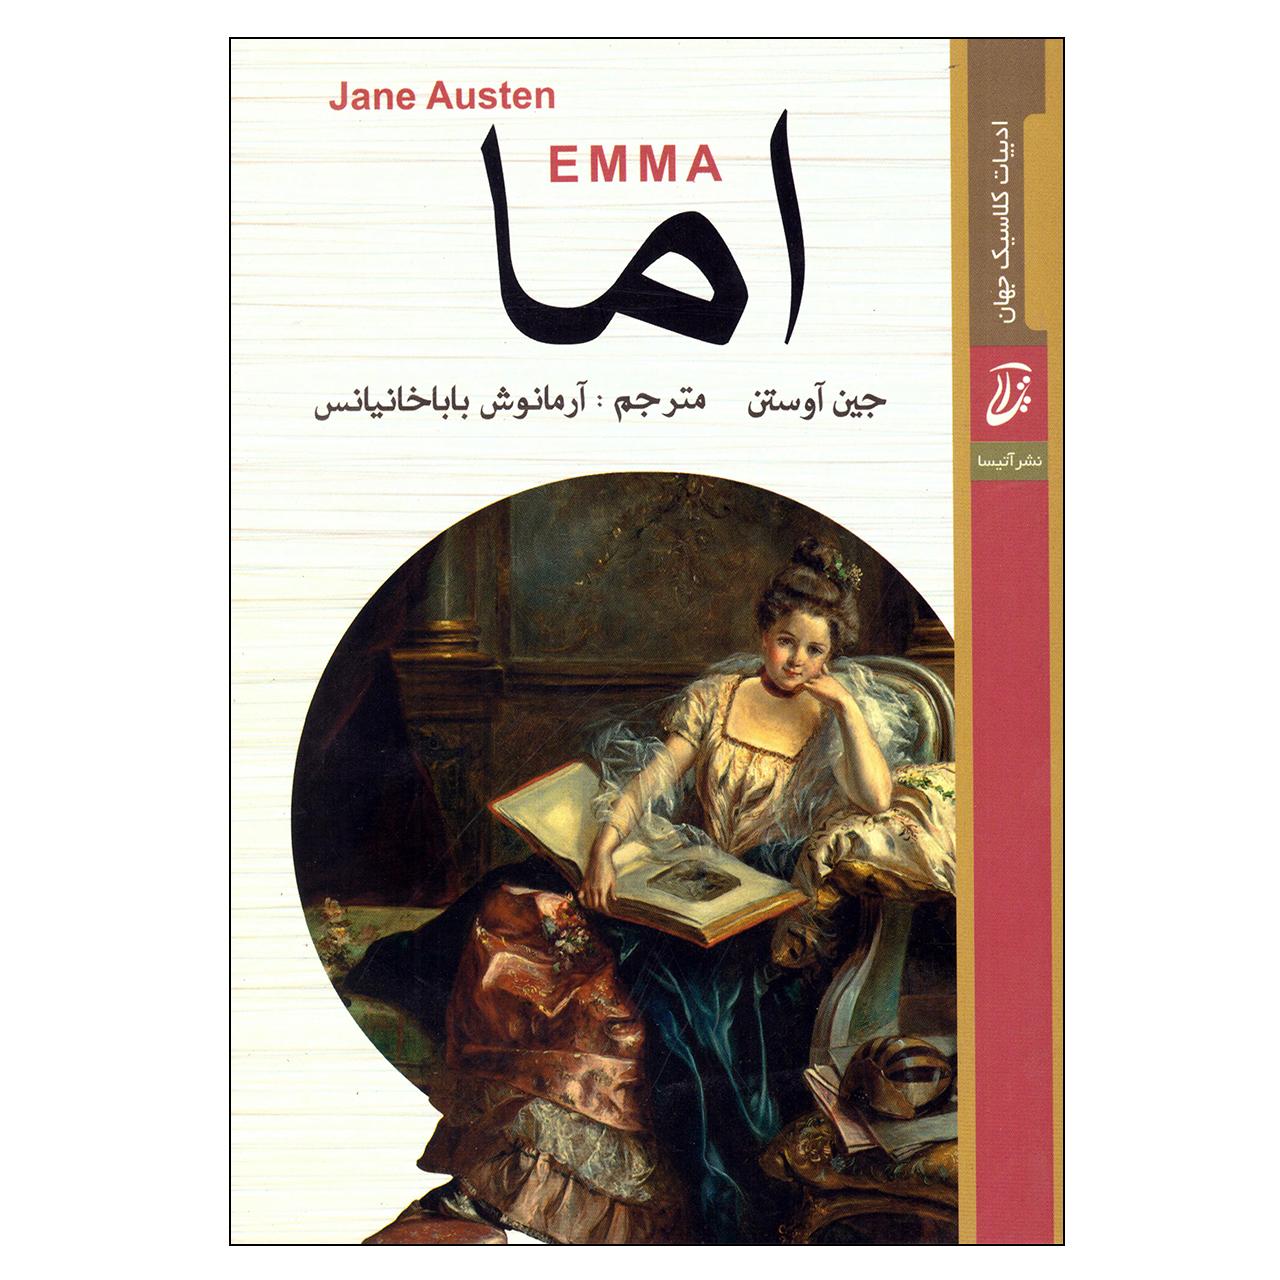 کتاب اما اثر جین آوستن انتشارات آتیسا